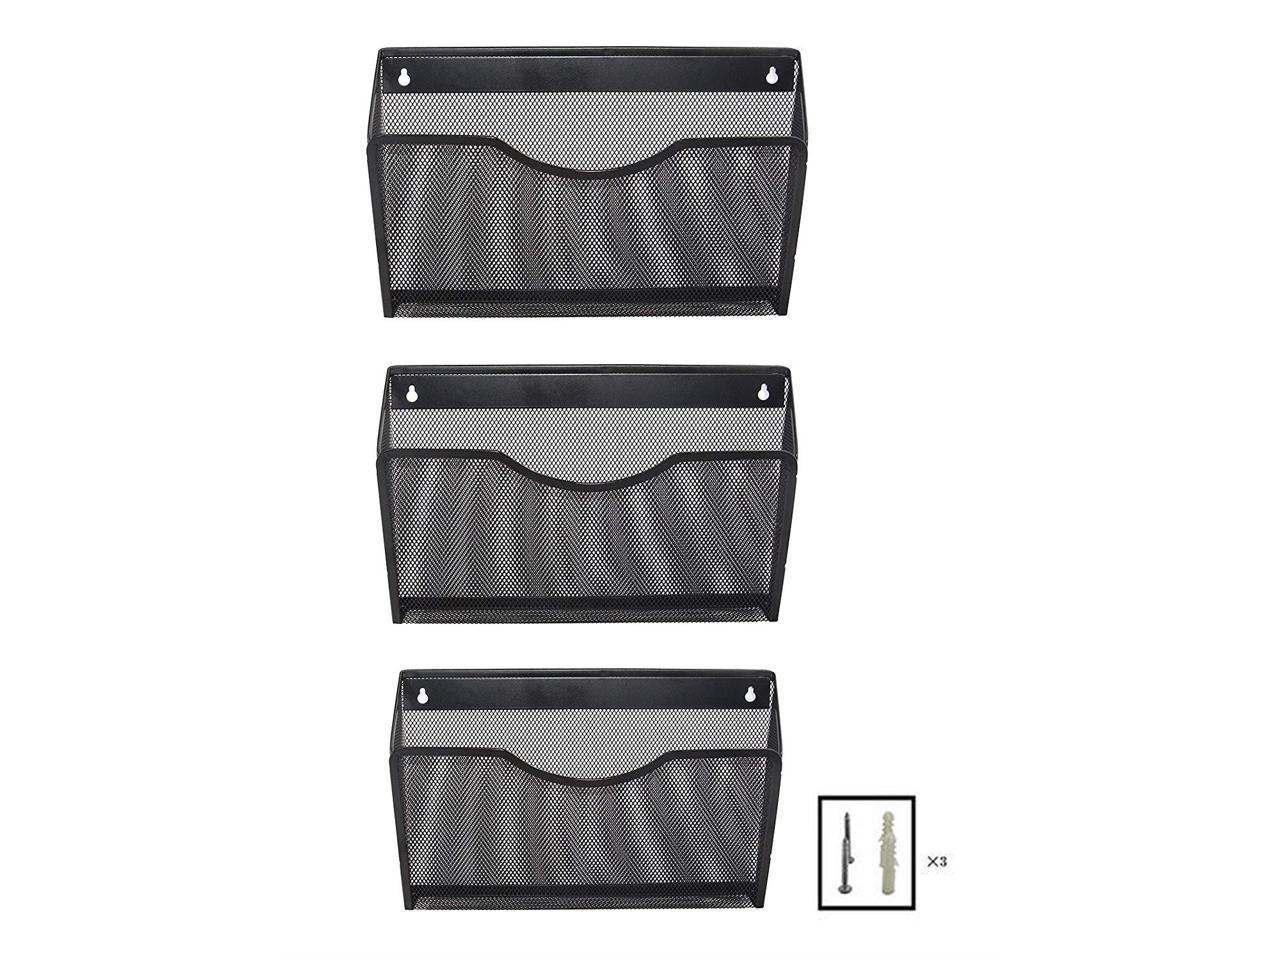 EasyPAG 3 Pocket Office Mesh Wall Mount Hanging File Holder Organizer,Black